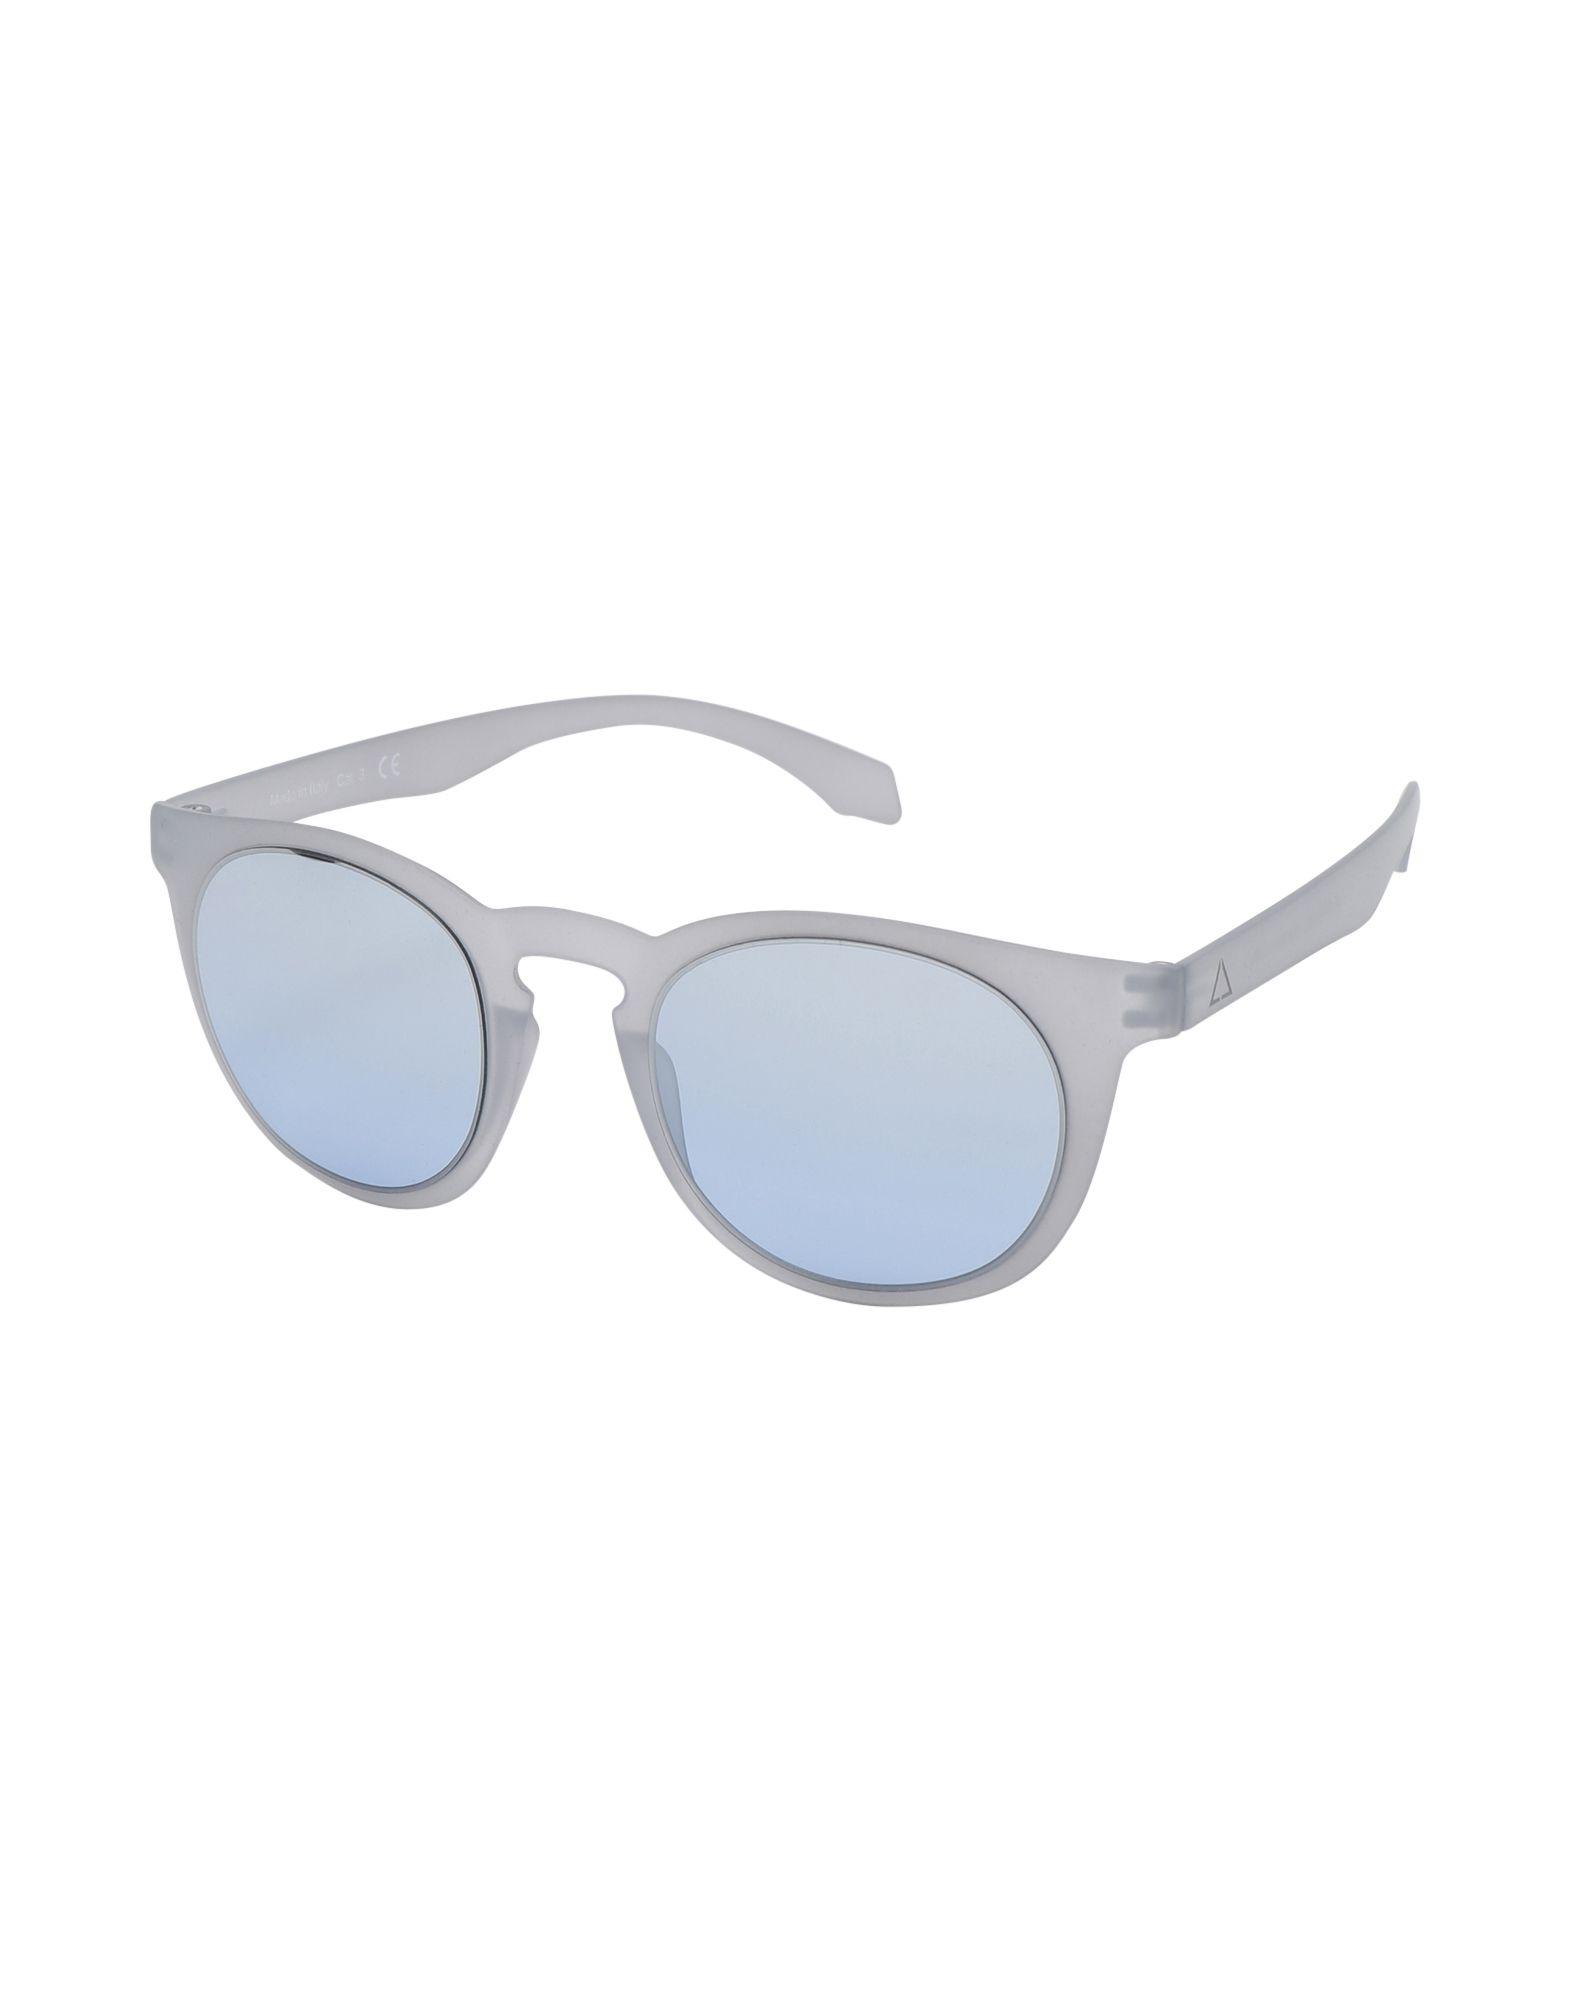 ALSTECA Солнечные очки arena tracks mirror арт 9237055 зеркальные линзы